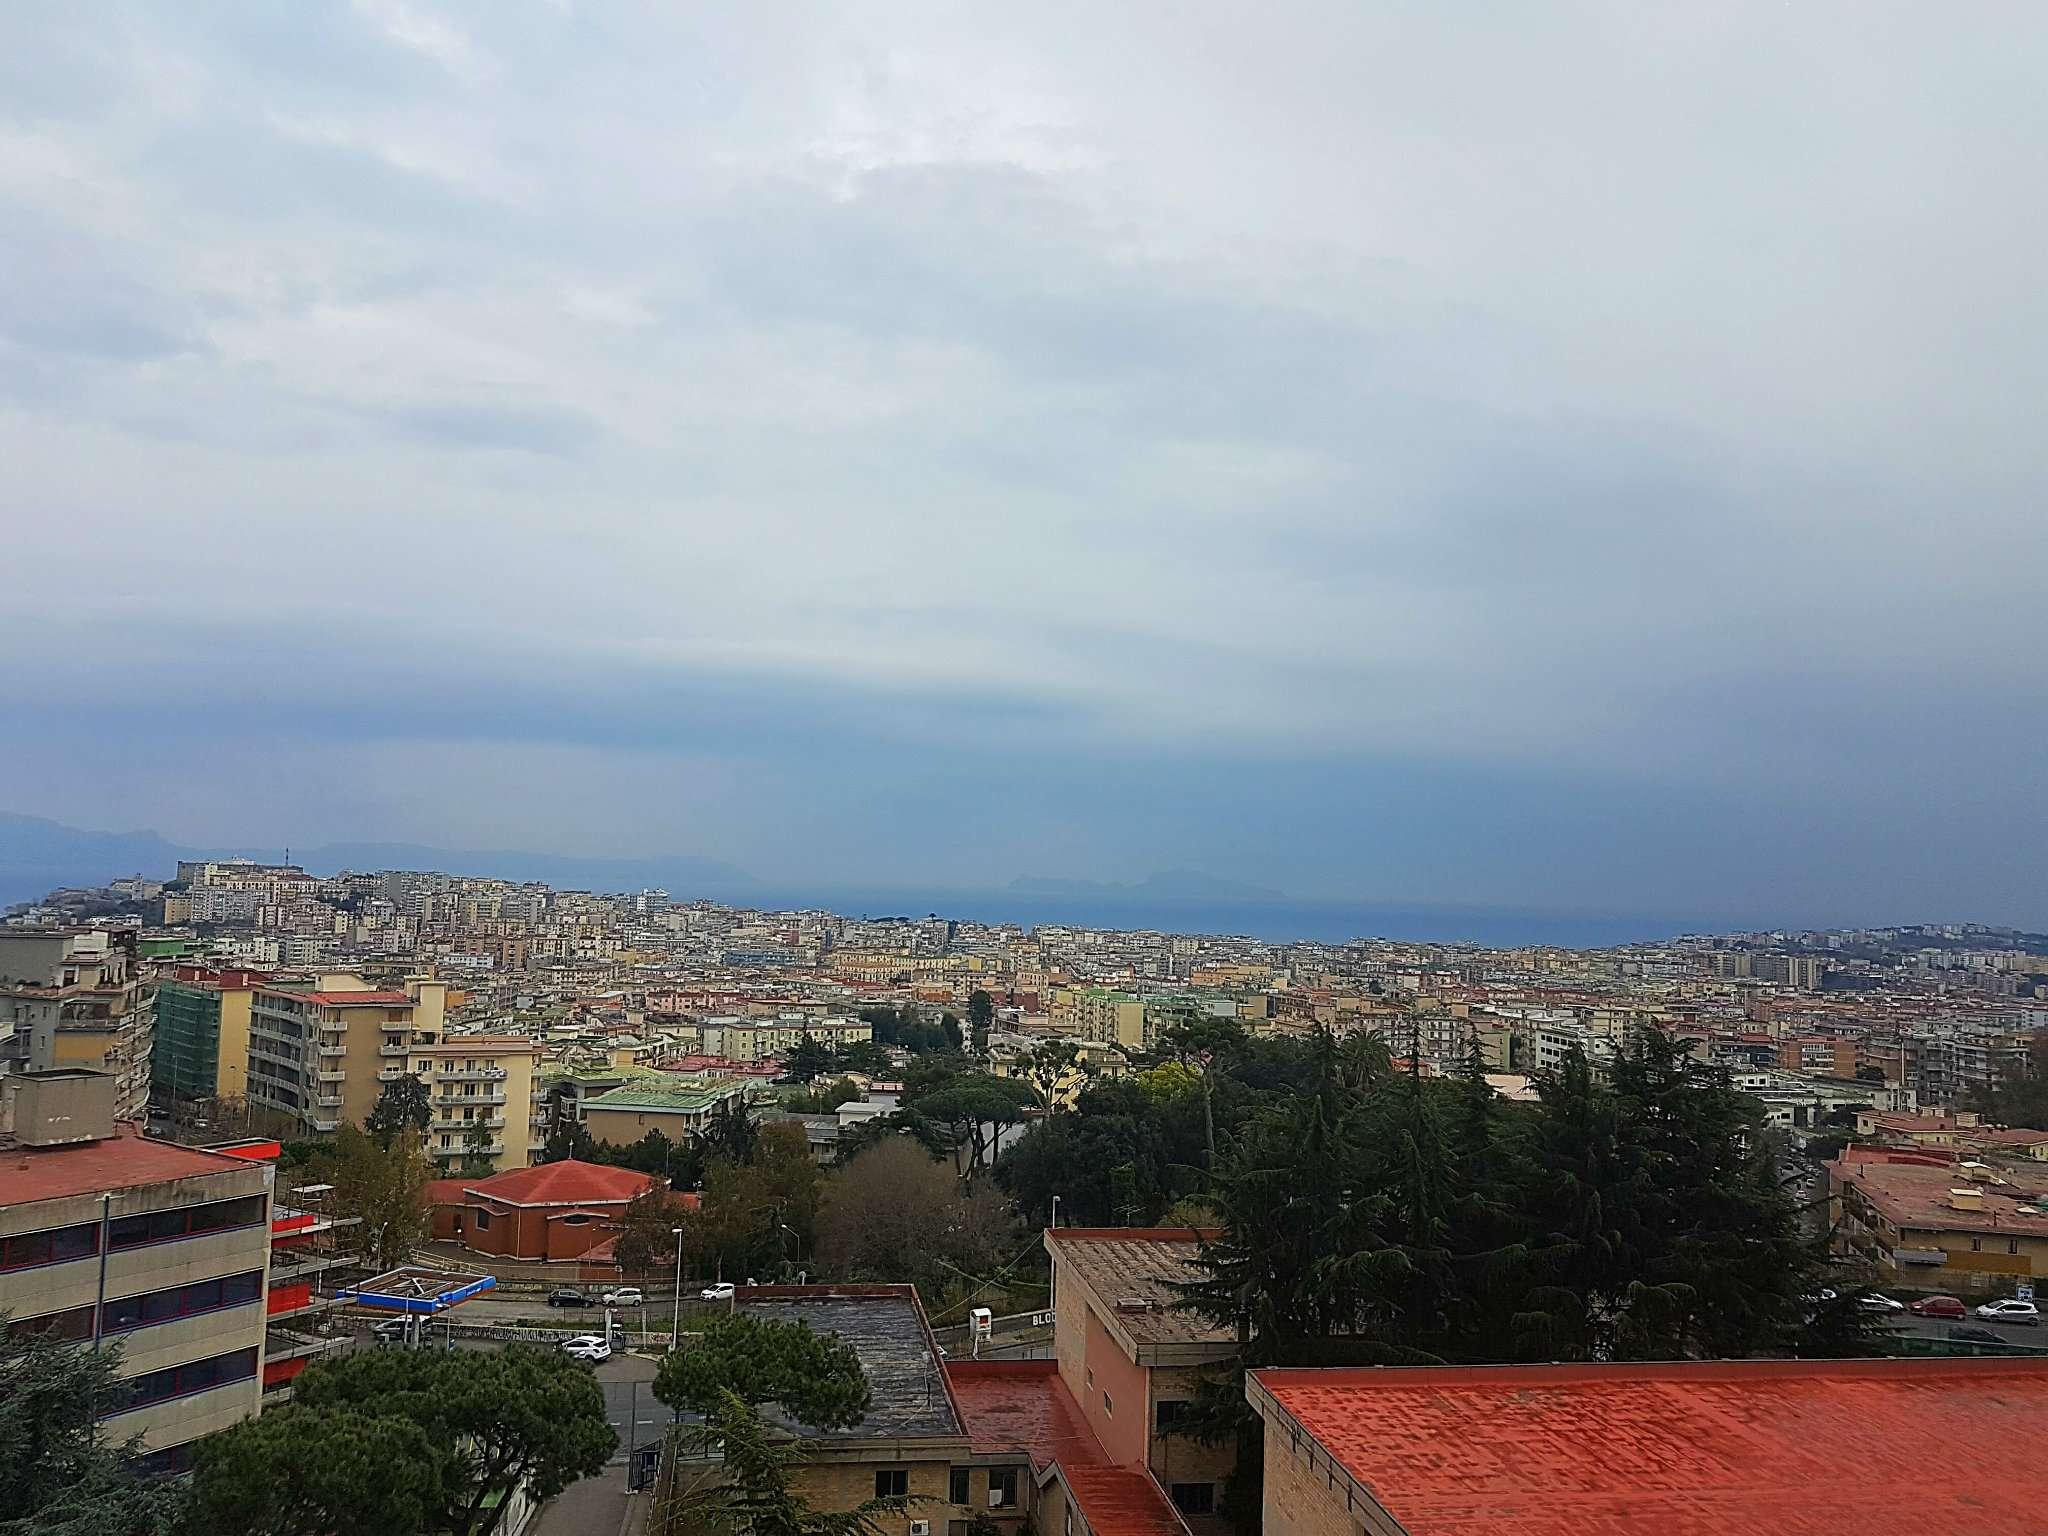 Appartamento in vendita a Napoli, 7 locali, zona Zona: 5 . Vomero, Arenella, prezzo € 580.000 | CambioCasa.it